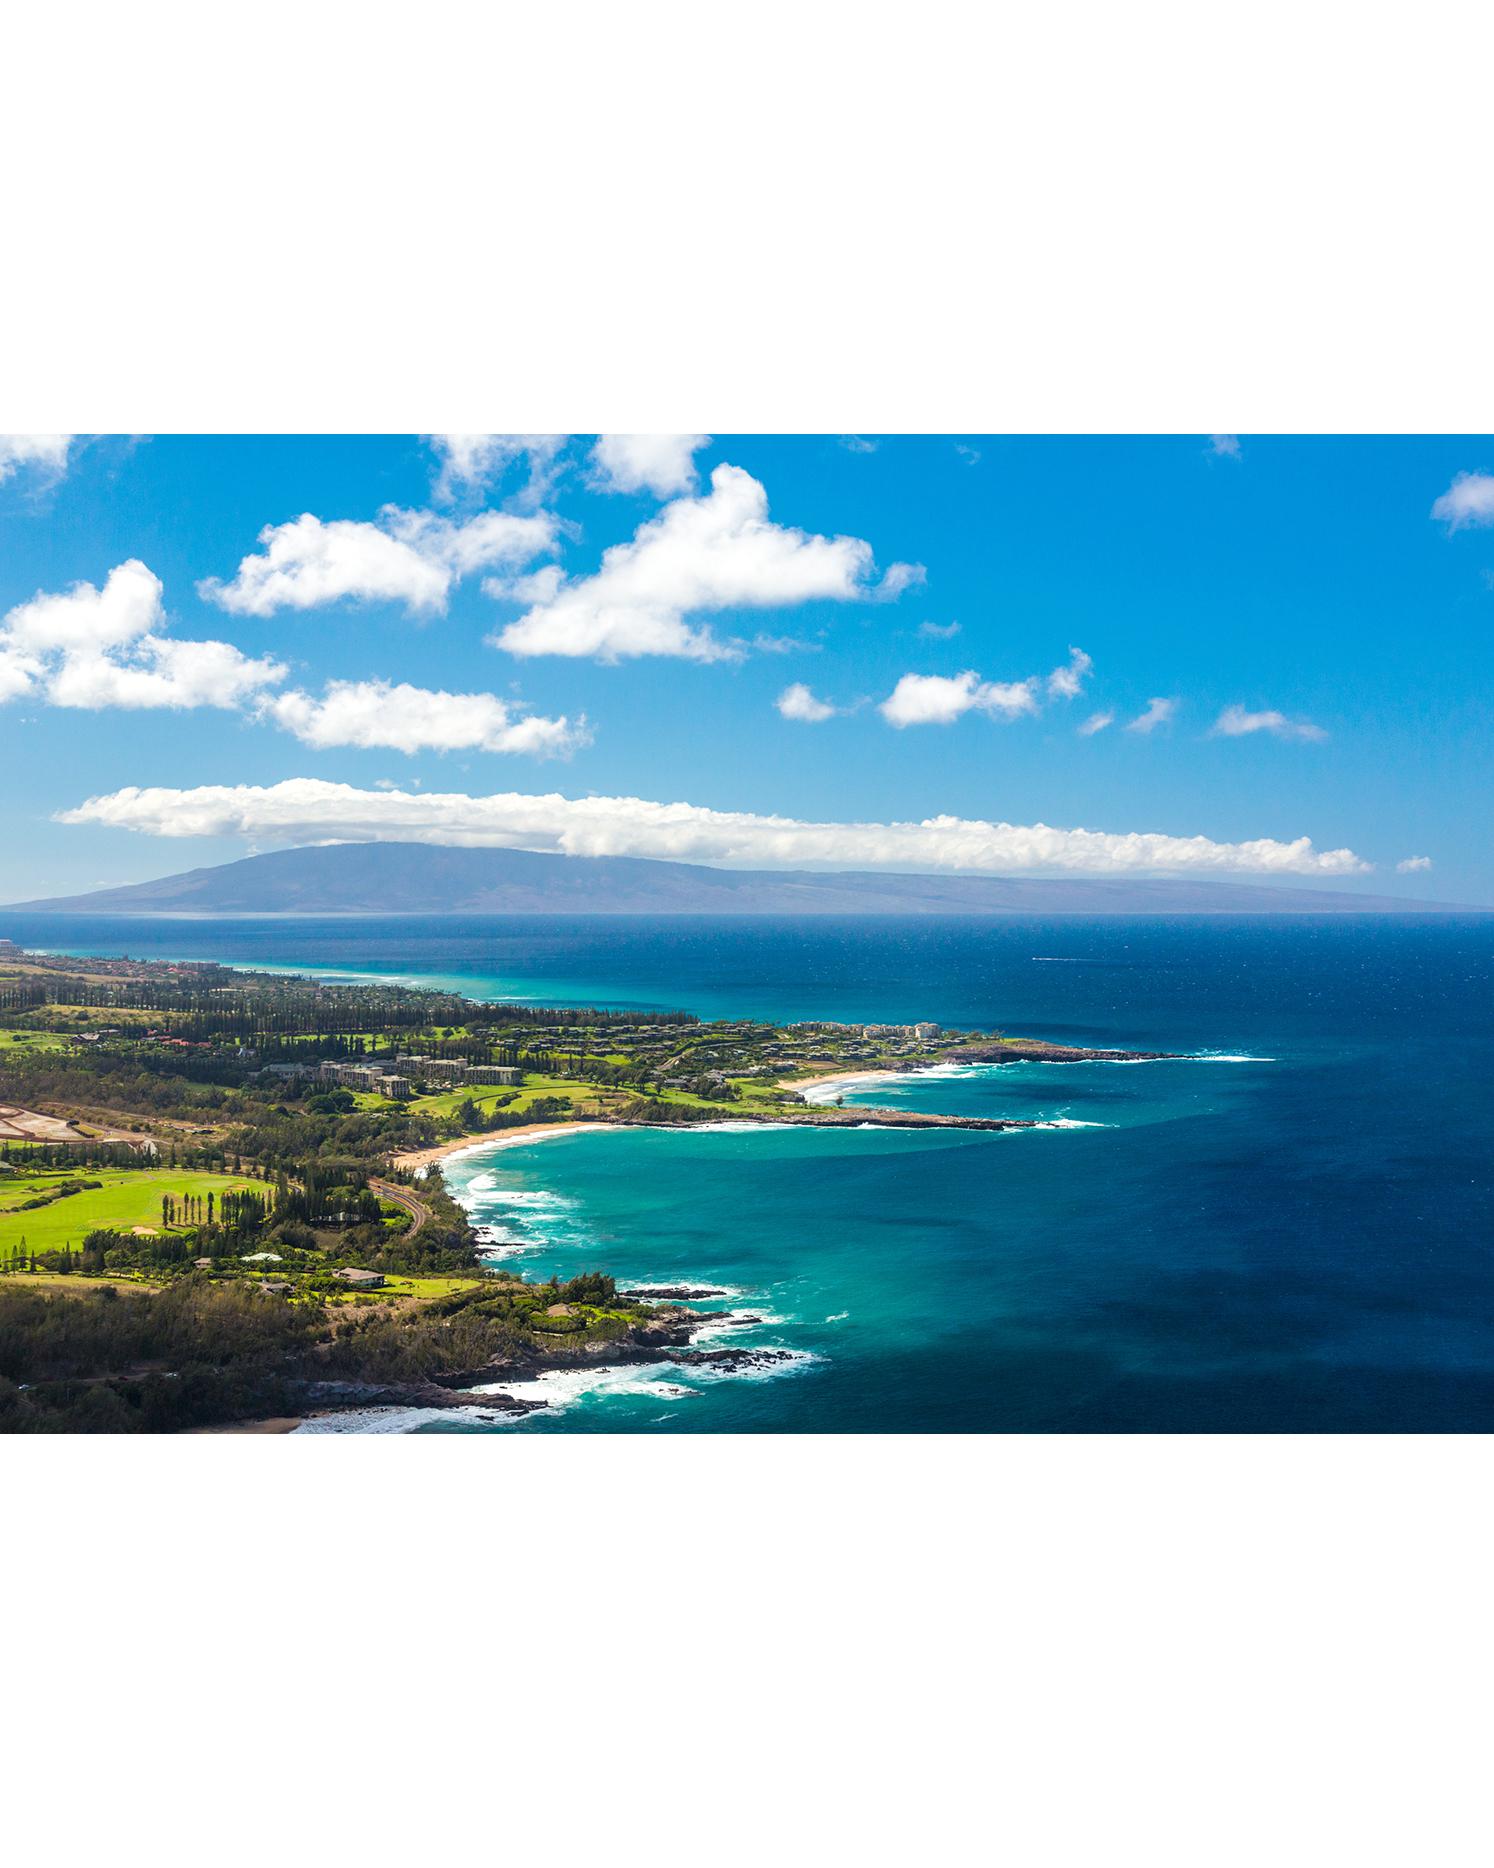 Kapalua Bay in Maui, Hawaii